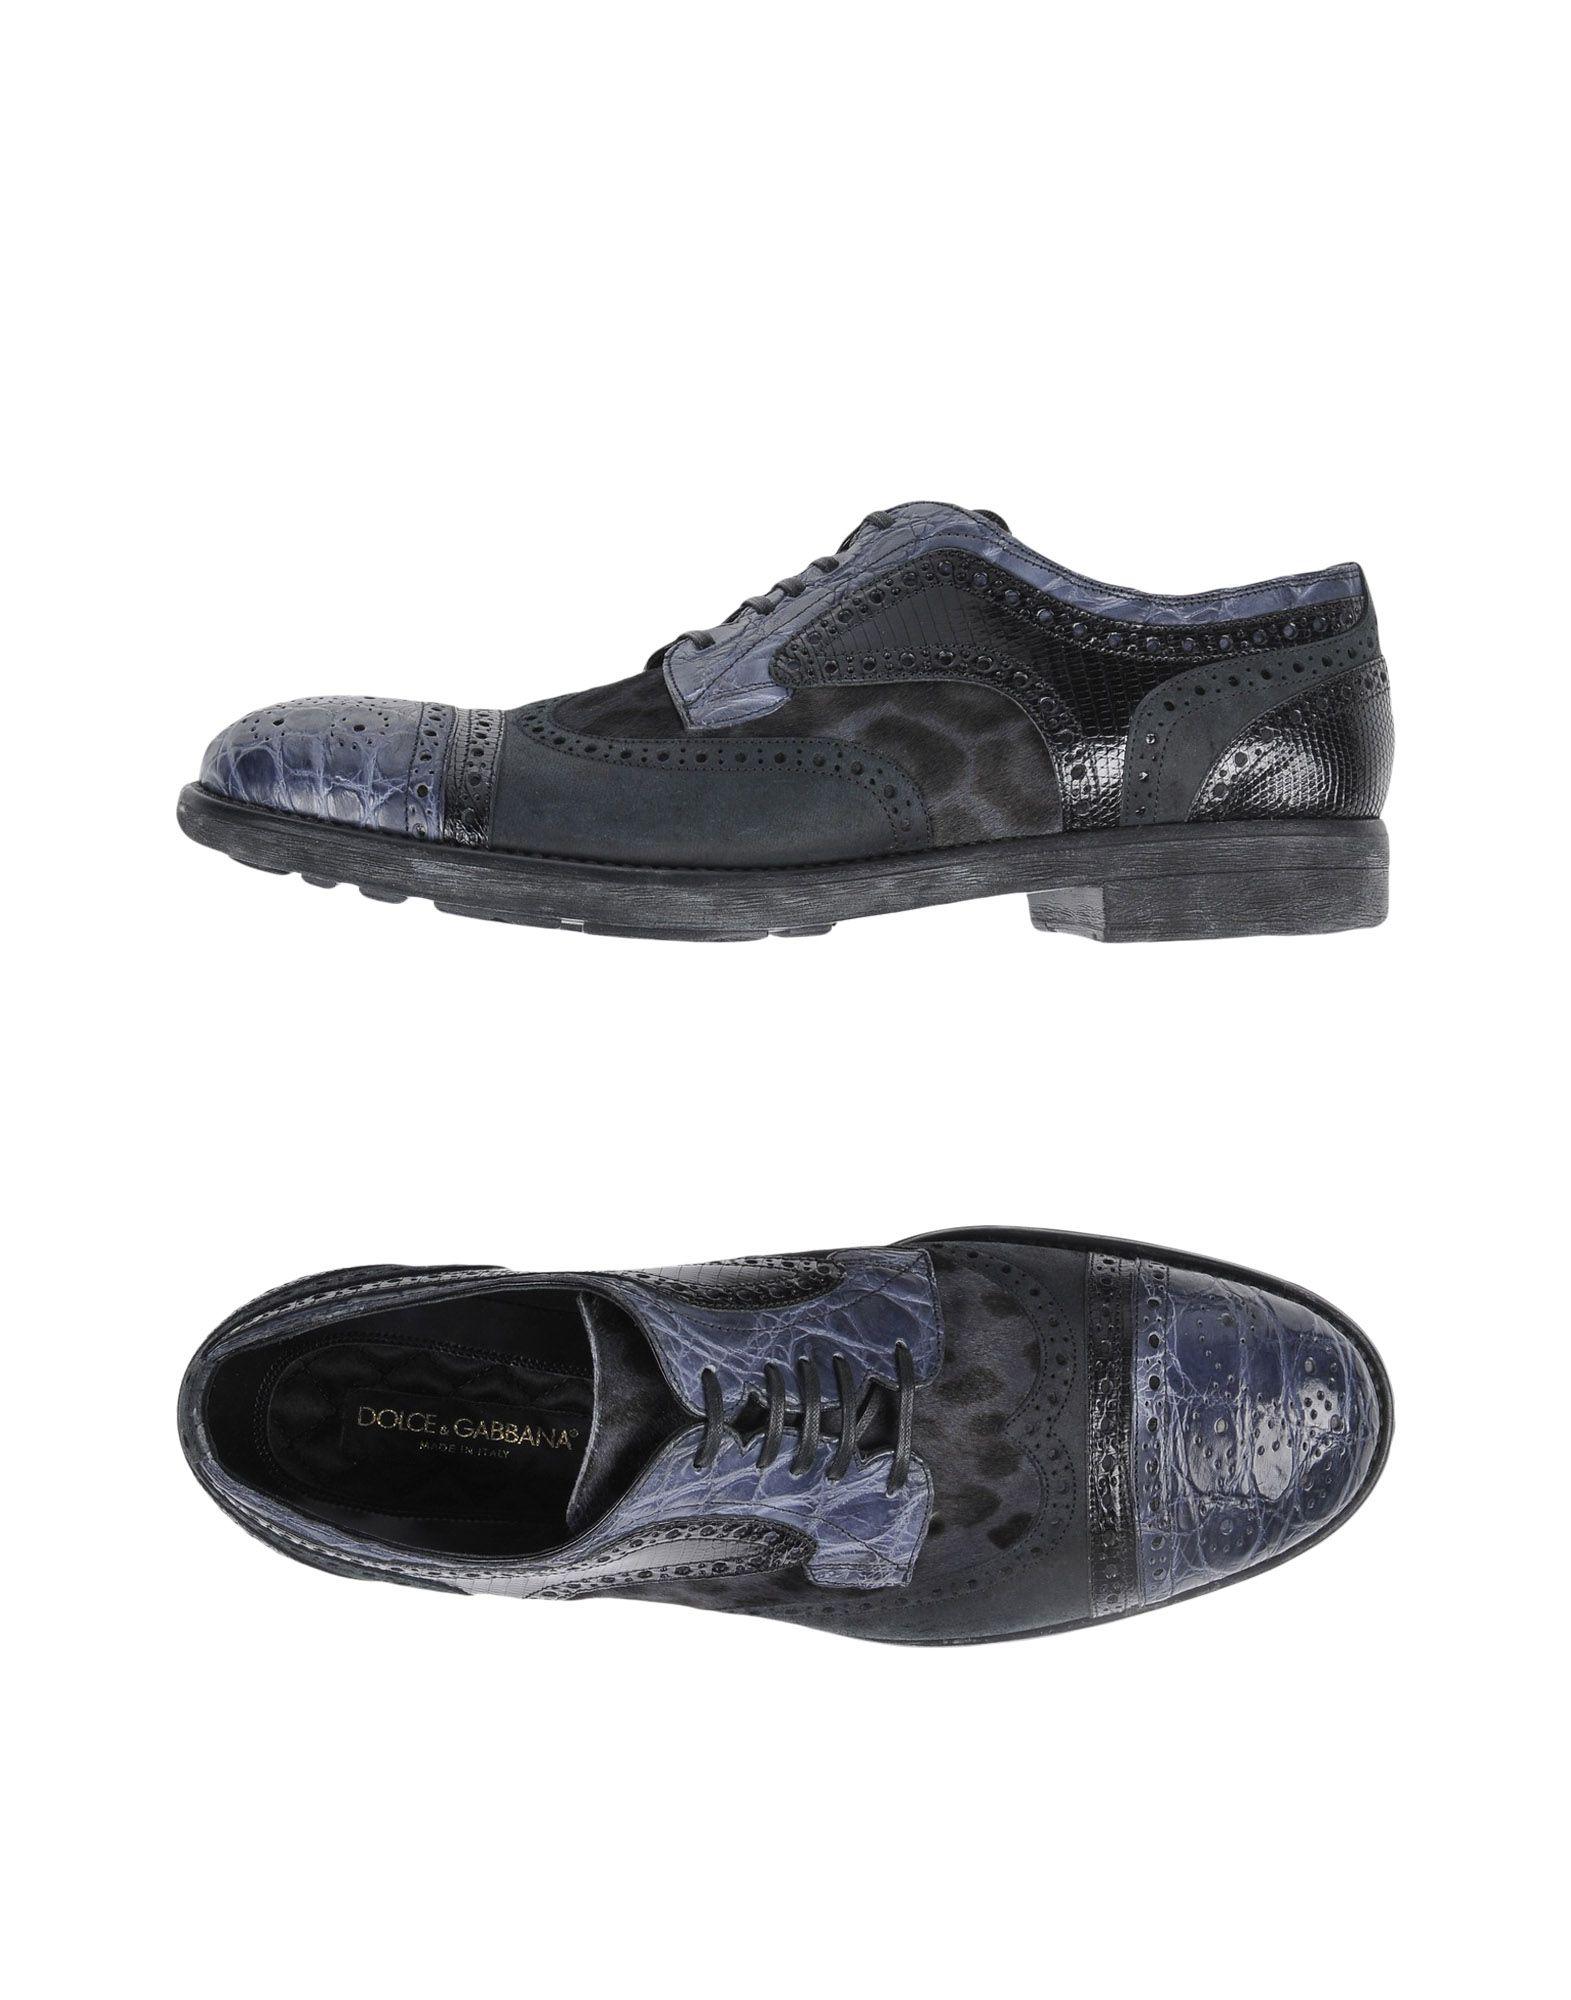 Dolce & Gabbana Schnürschuhe Herren  11492417HV Gute Qualität beliebte Schuhe